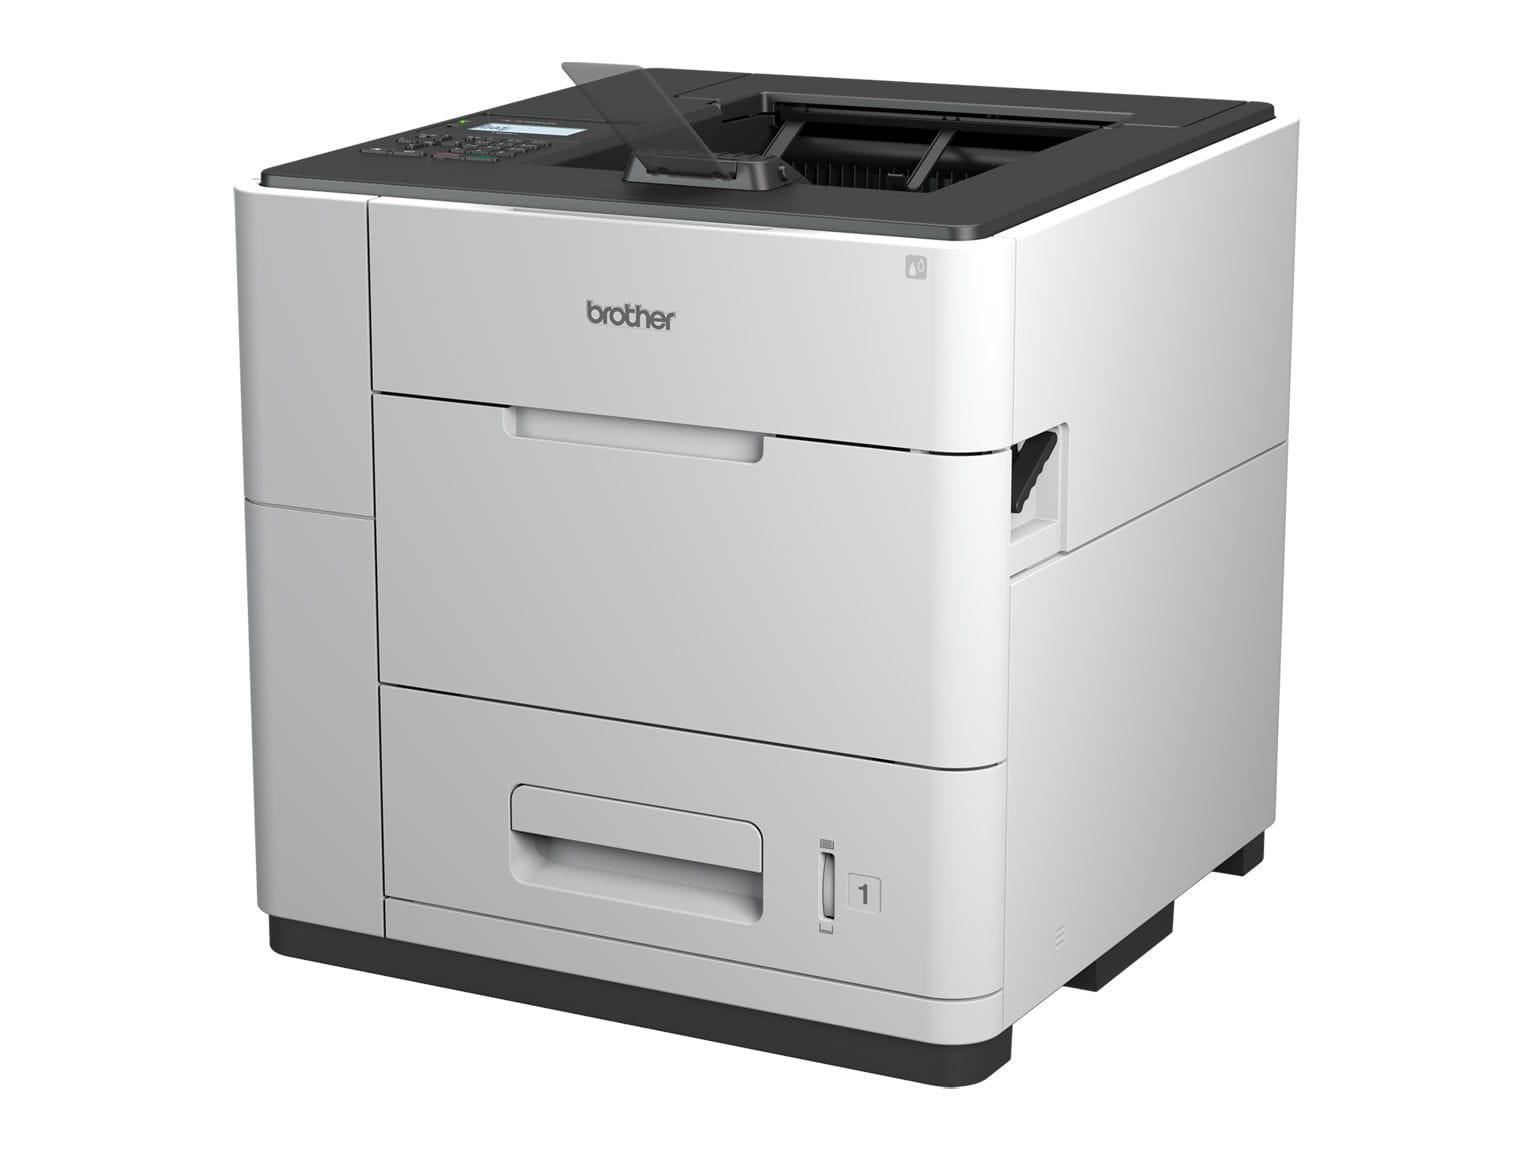 Brother HL-S7000DN stampante ibrida per alti volumi di lavoro